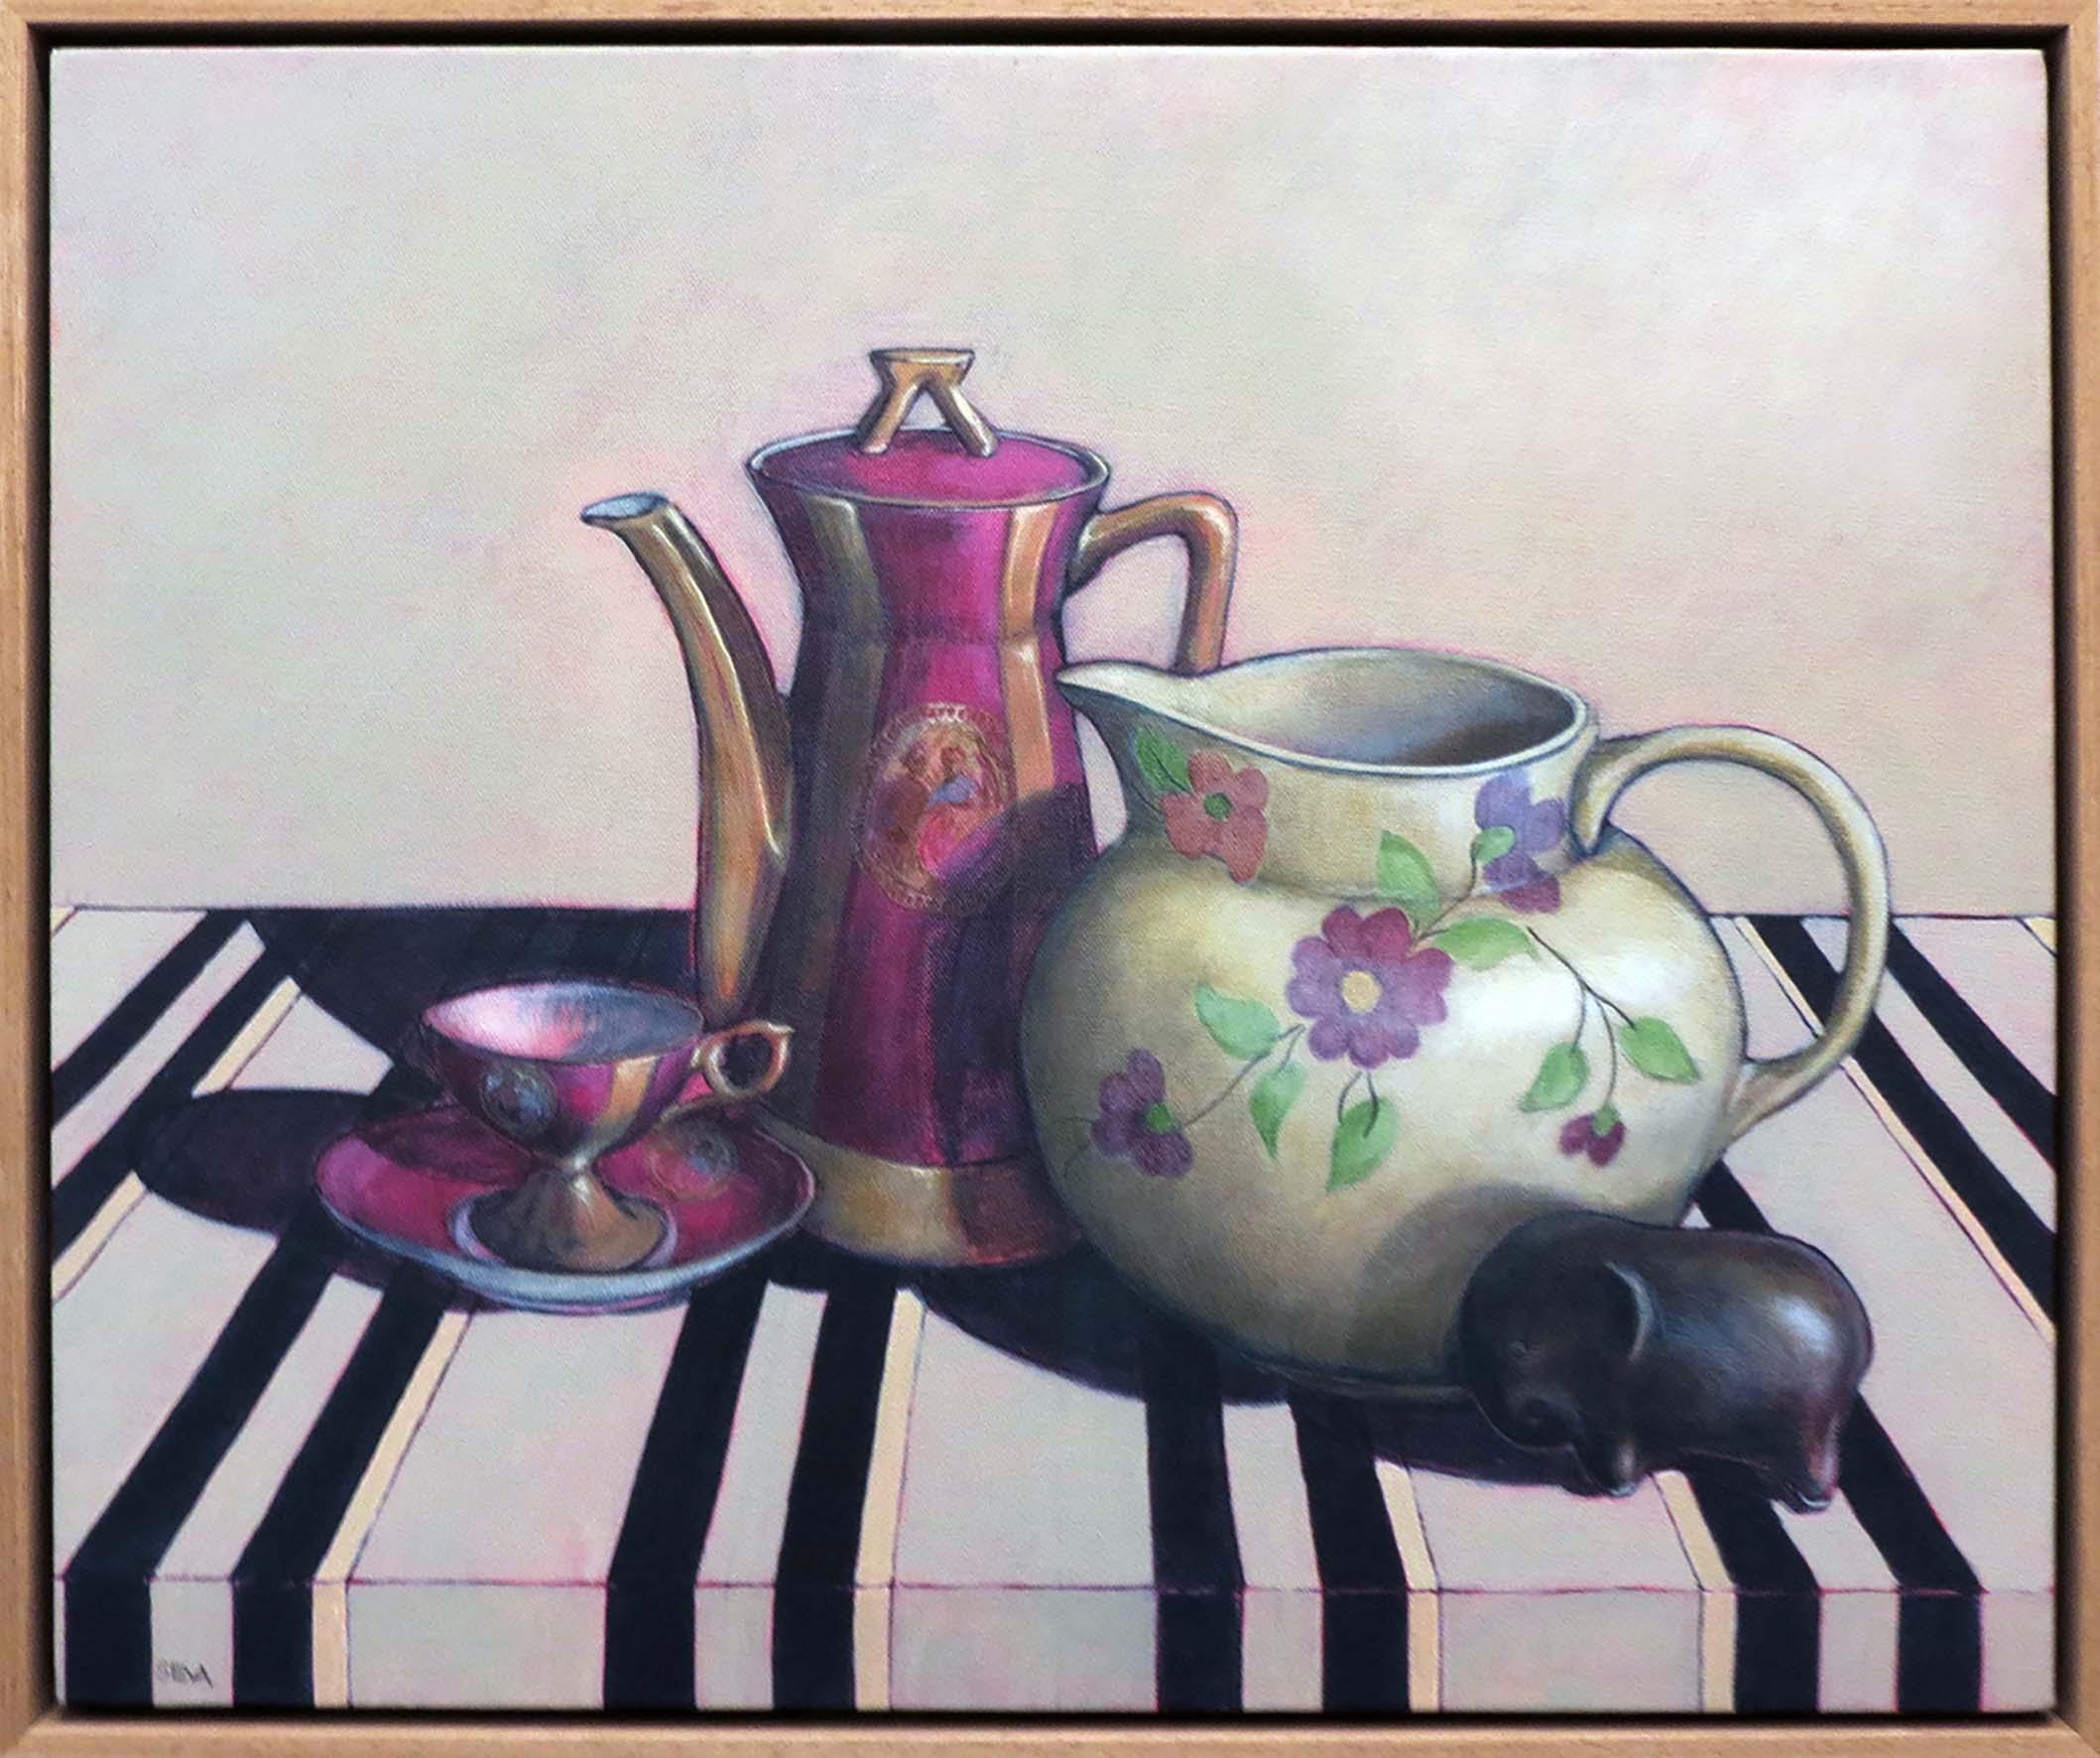 10. Sue Eva, 'Tea with Betty', 2018, Acrylic on canvas, 50 x 62cm, $795